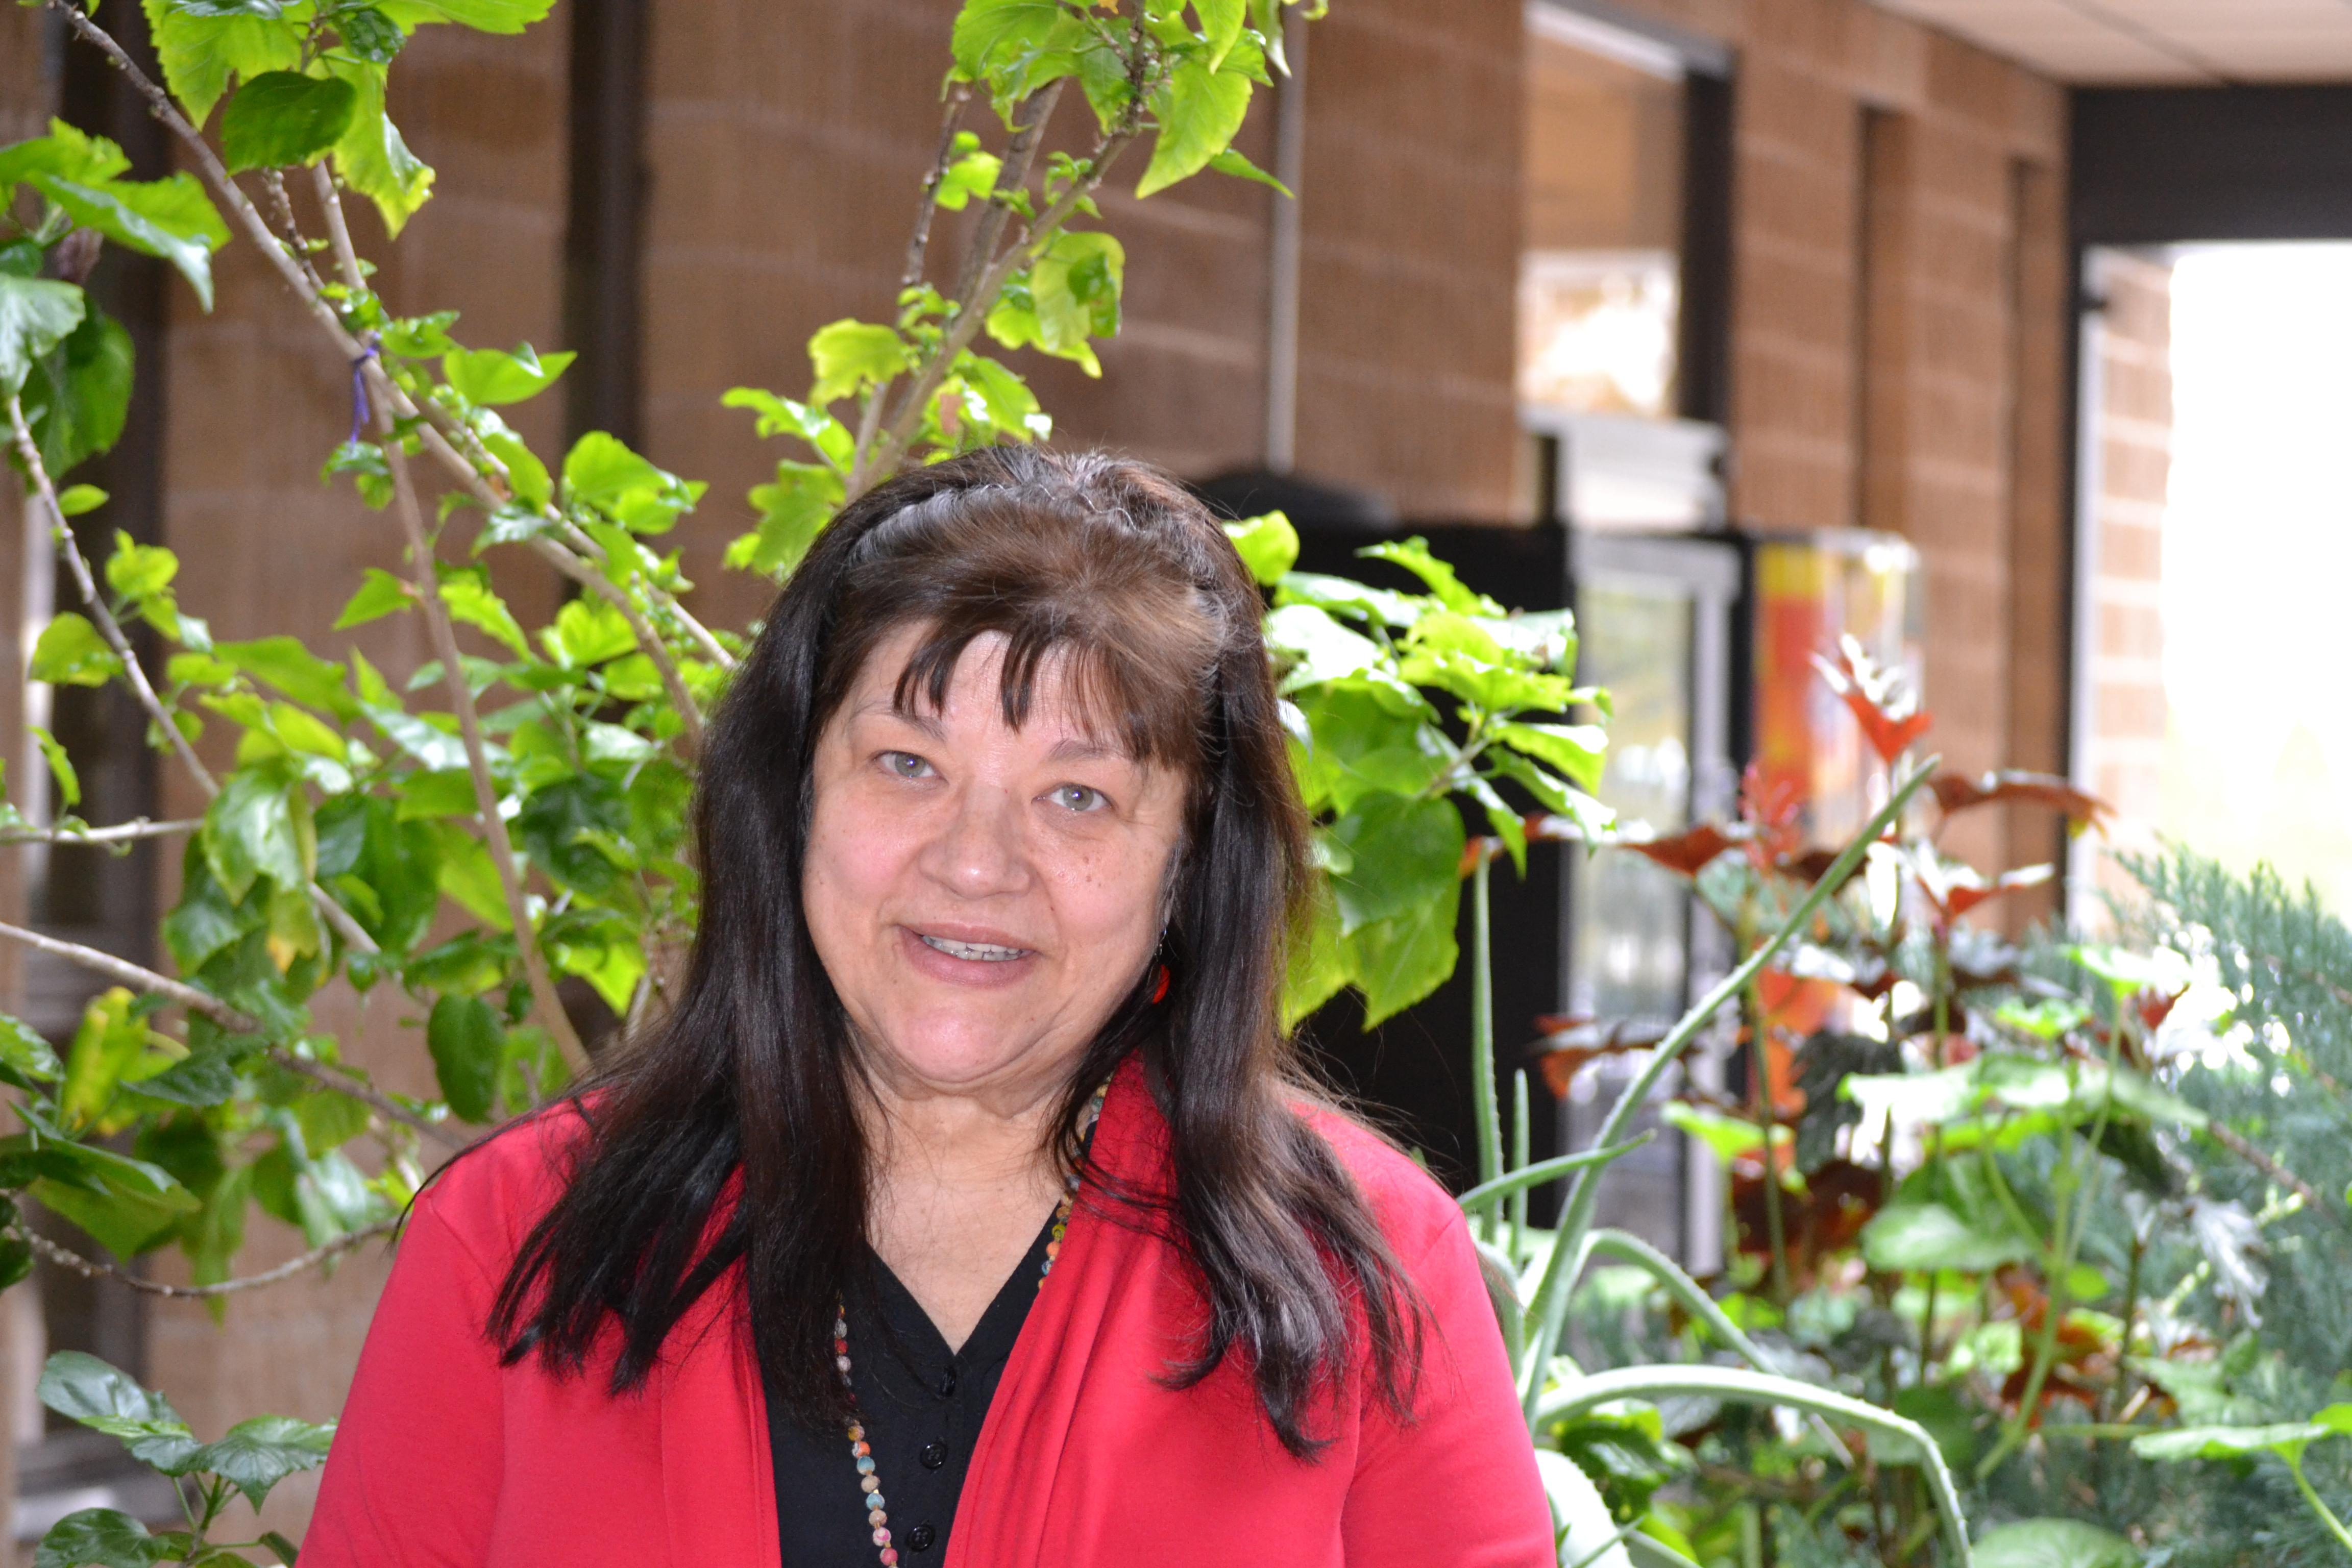 Elaine Trotta